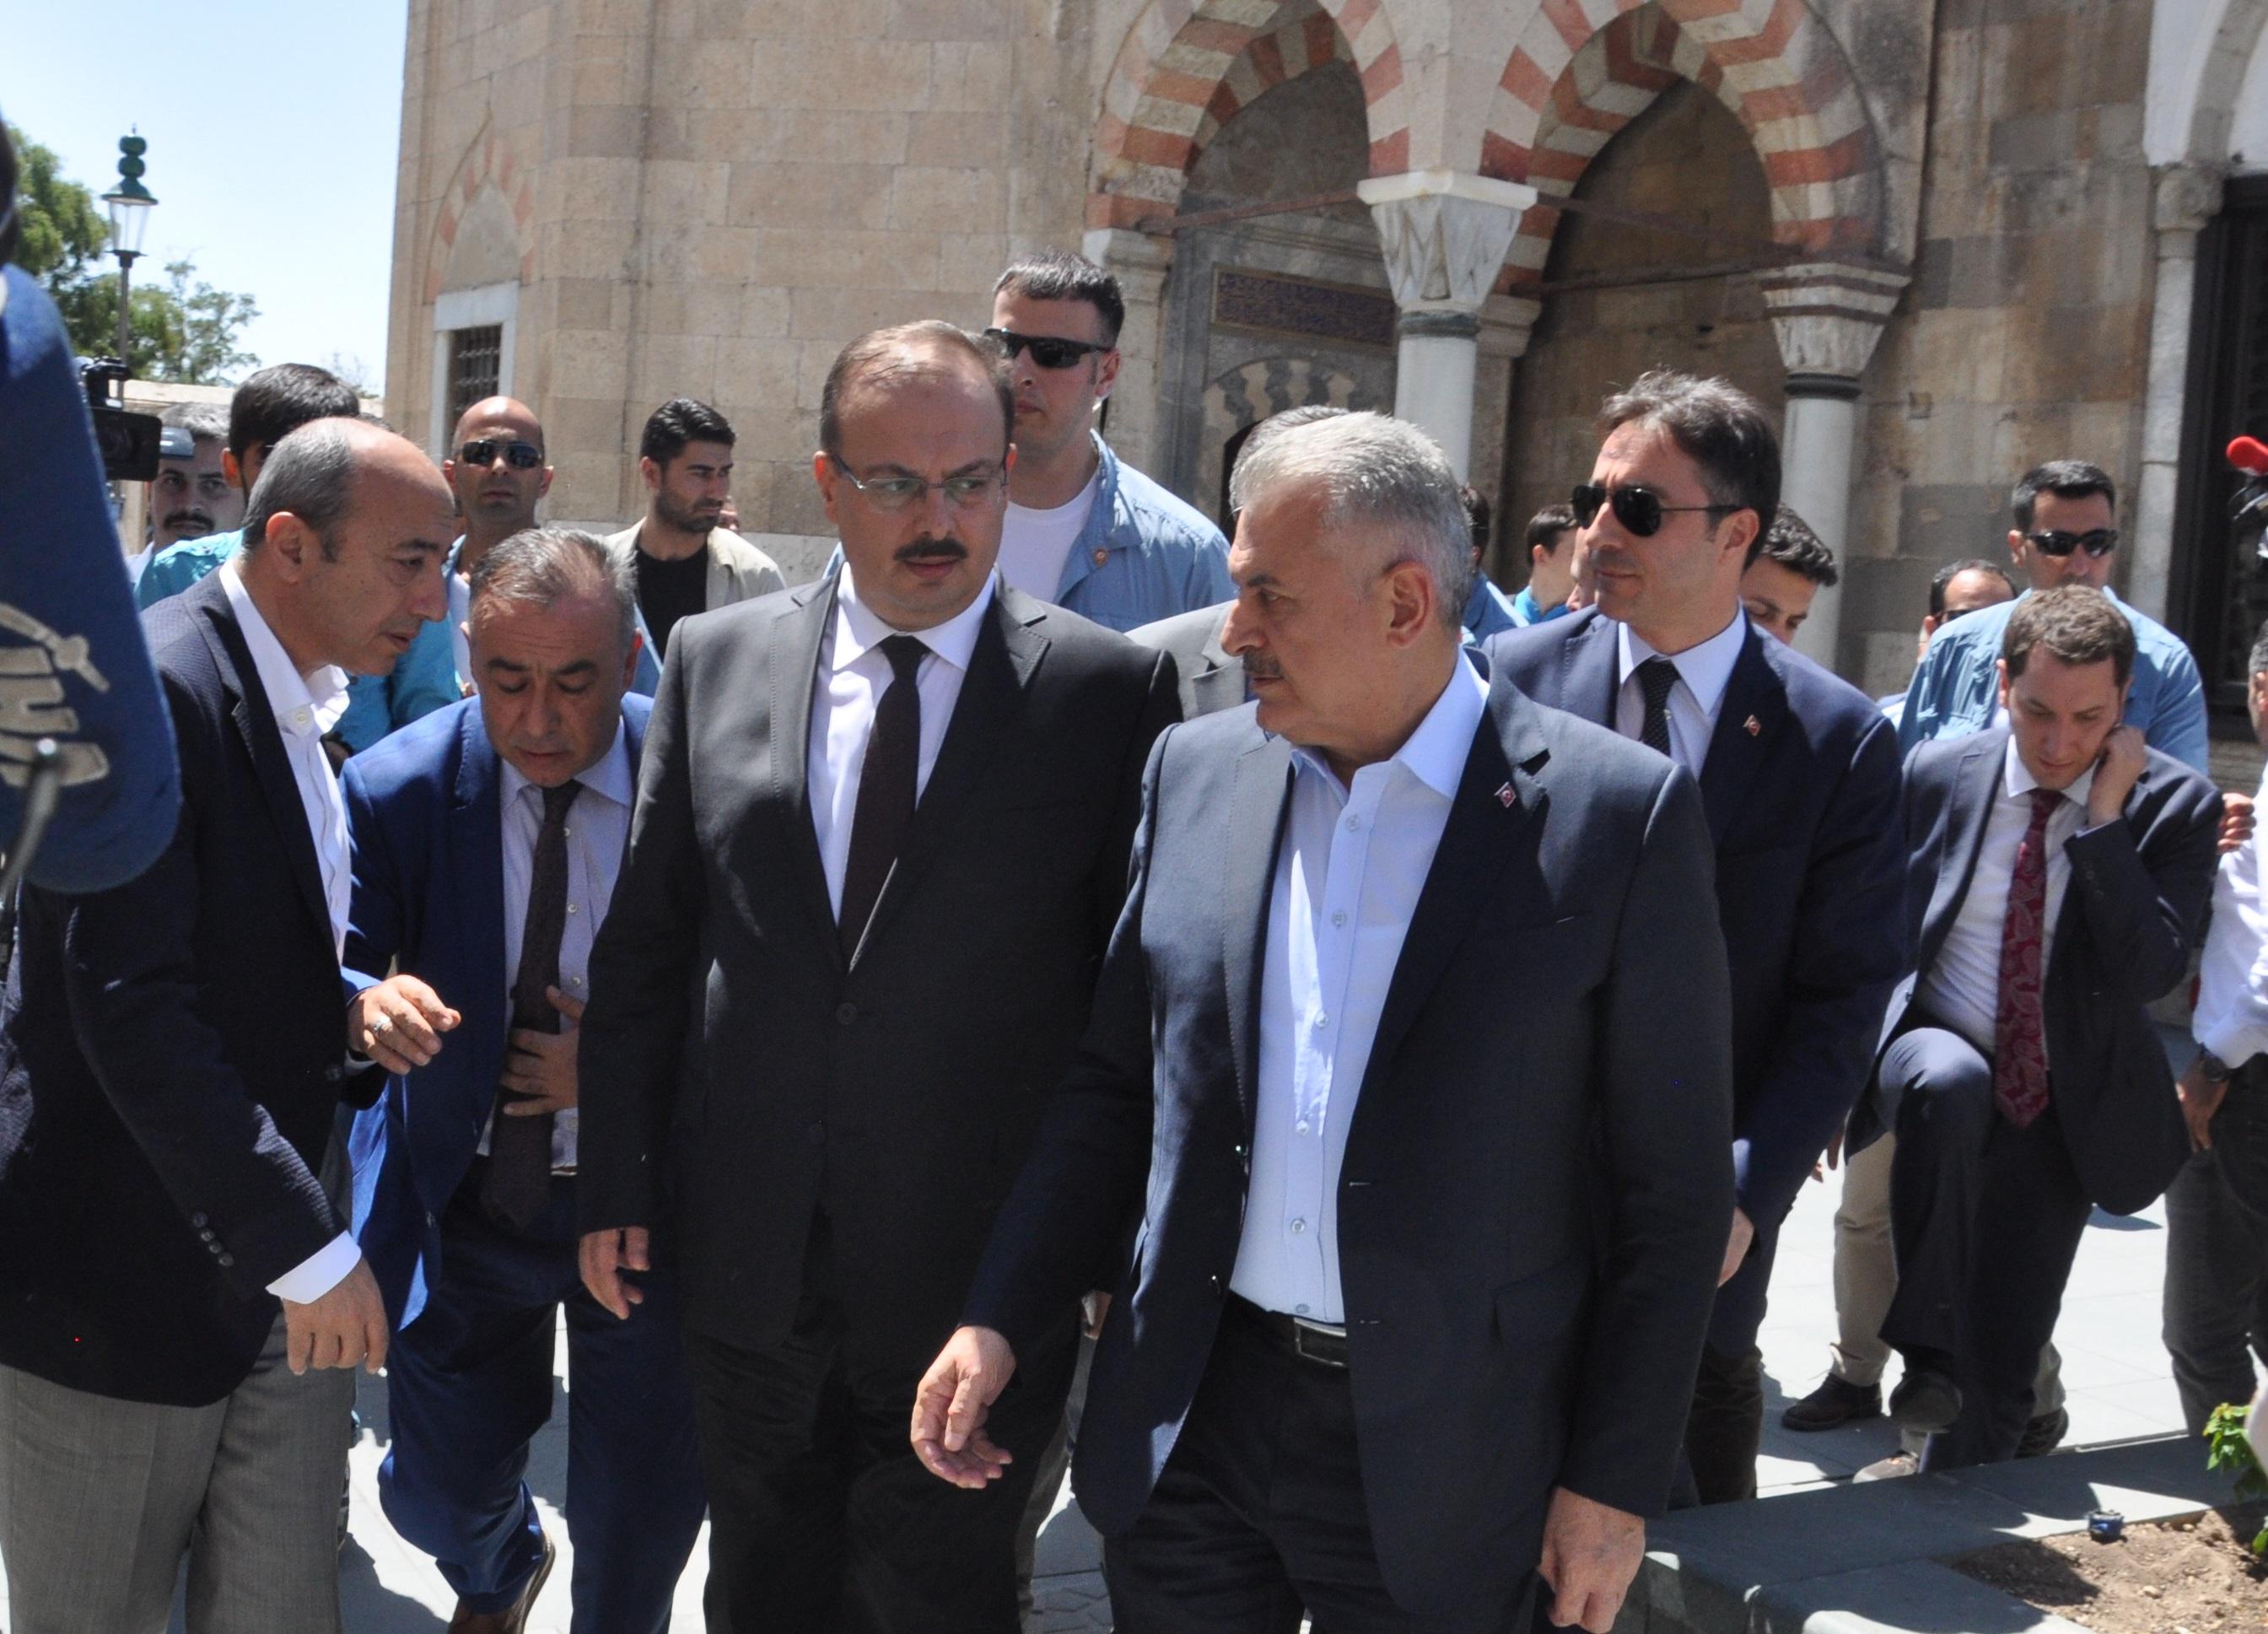 Başbakan Yıldırım, Mevlana Müzesi'ni ziyaret etti